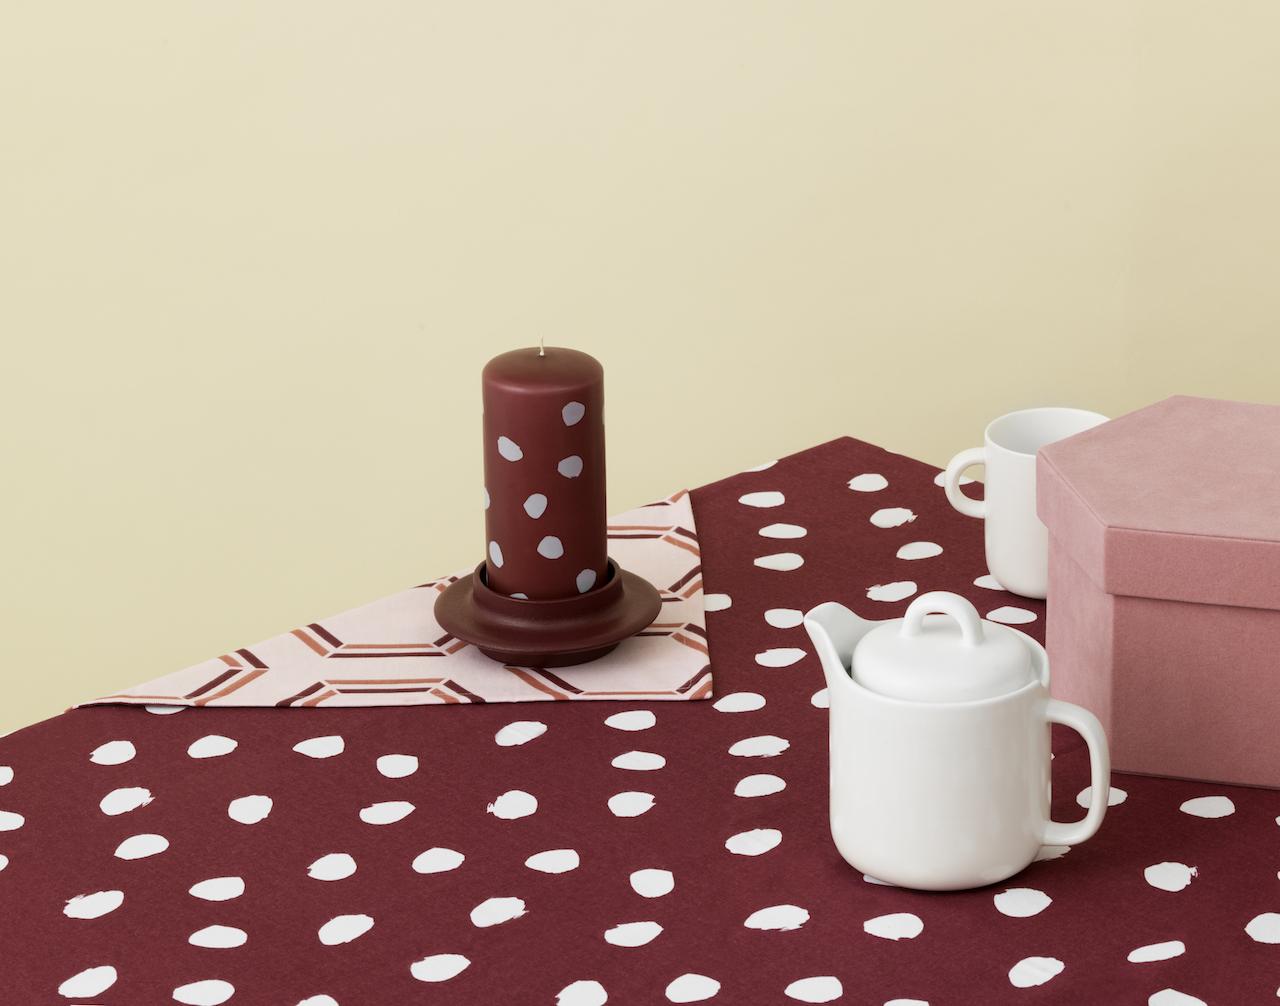 Table tableau nuove texture per la tavola da pranzo for Tavola da pranzo